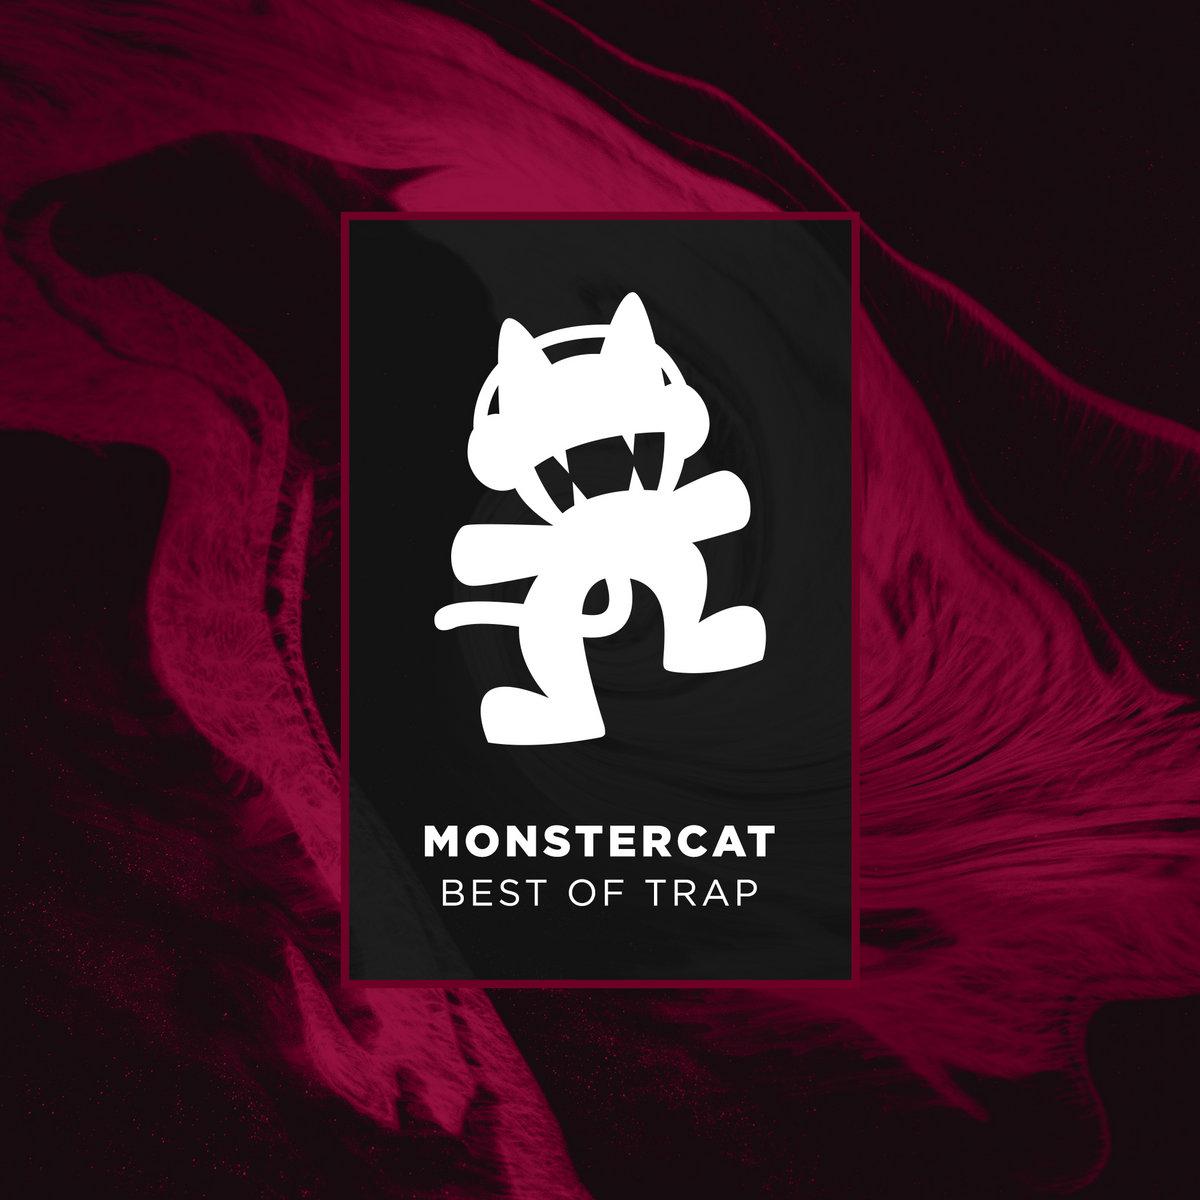 Monstercat - Best of Trap | Monstercat